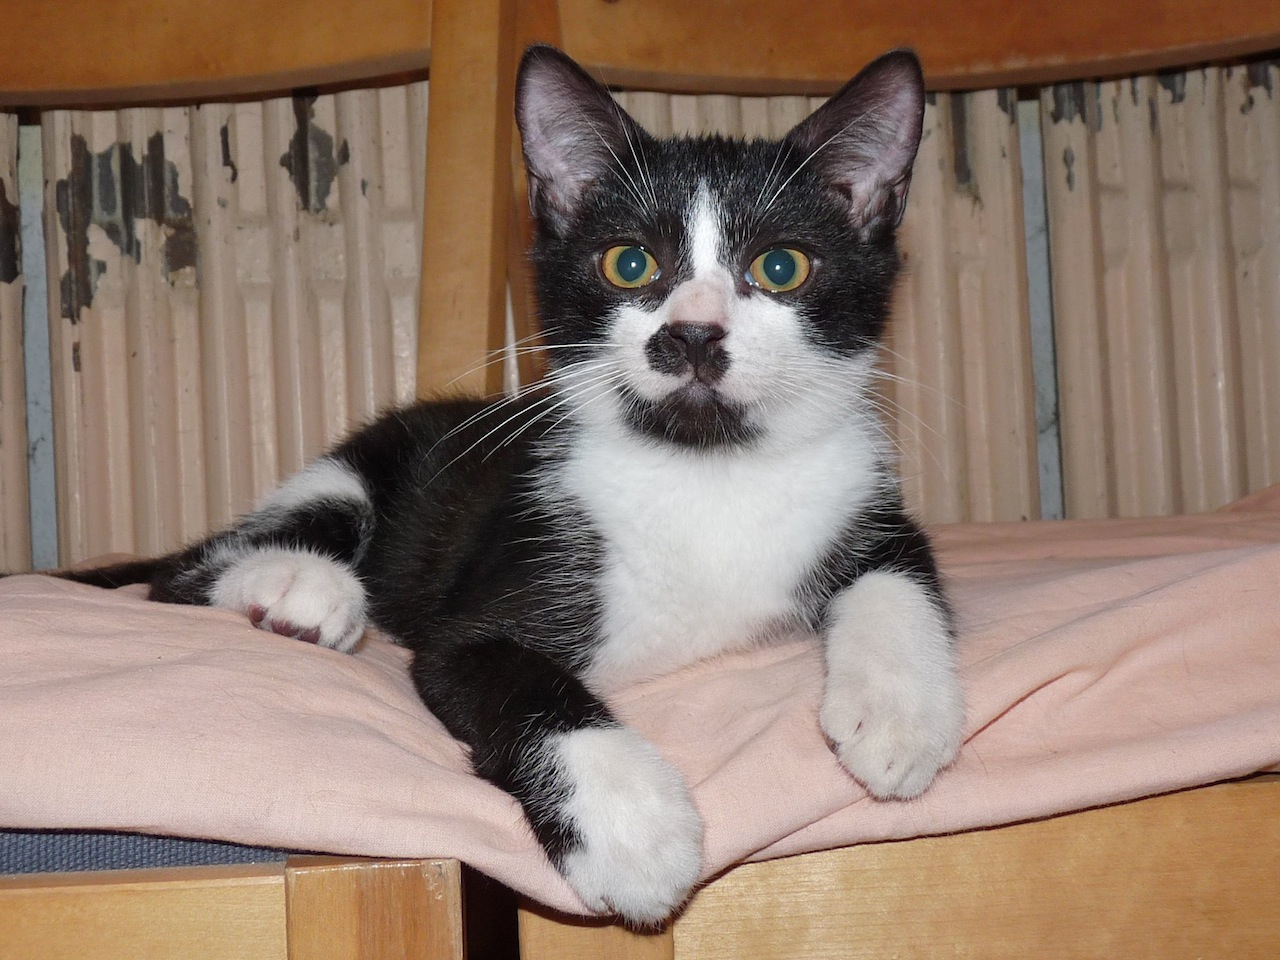 LARRY - M - Né le 01/05/2015 - Adopté en août 2015